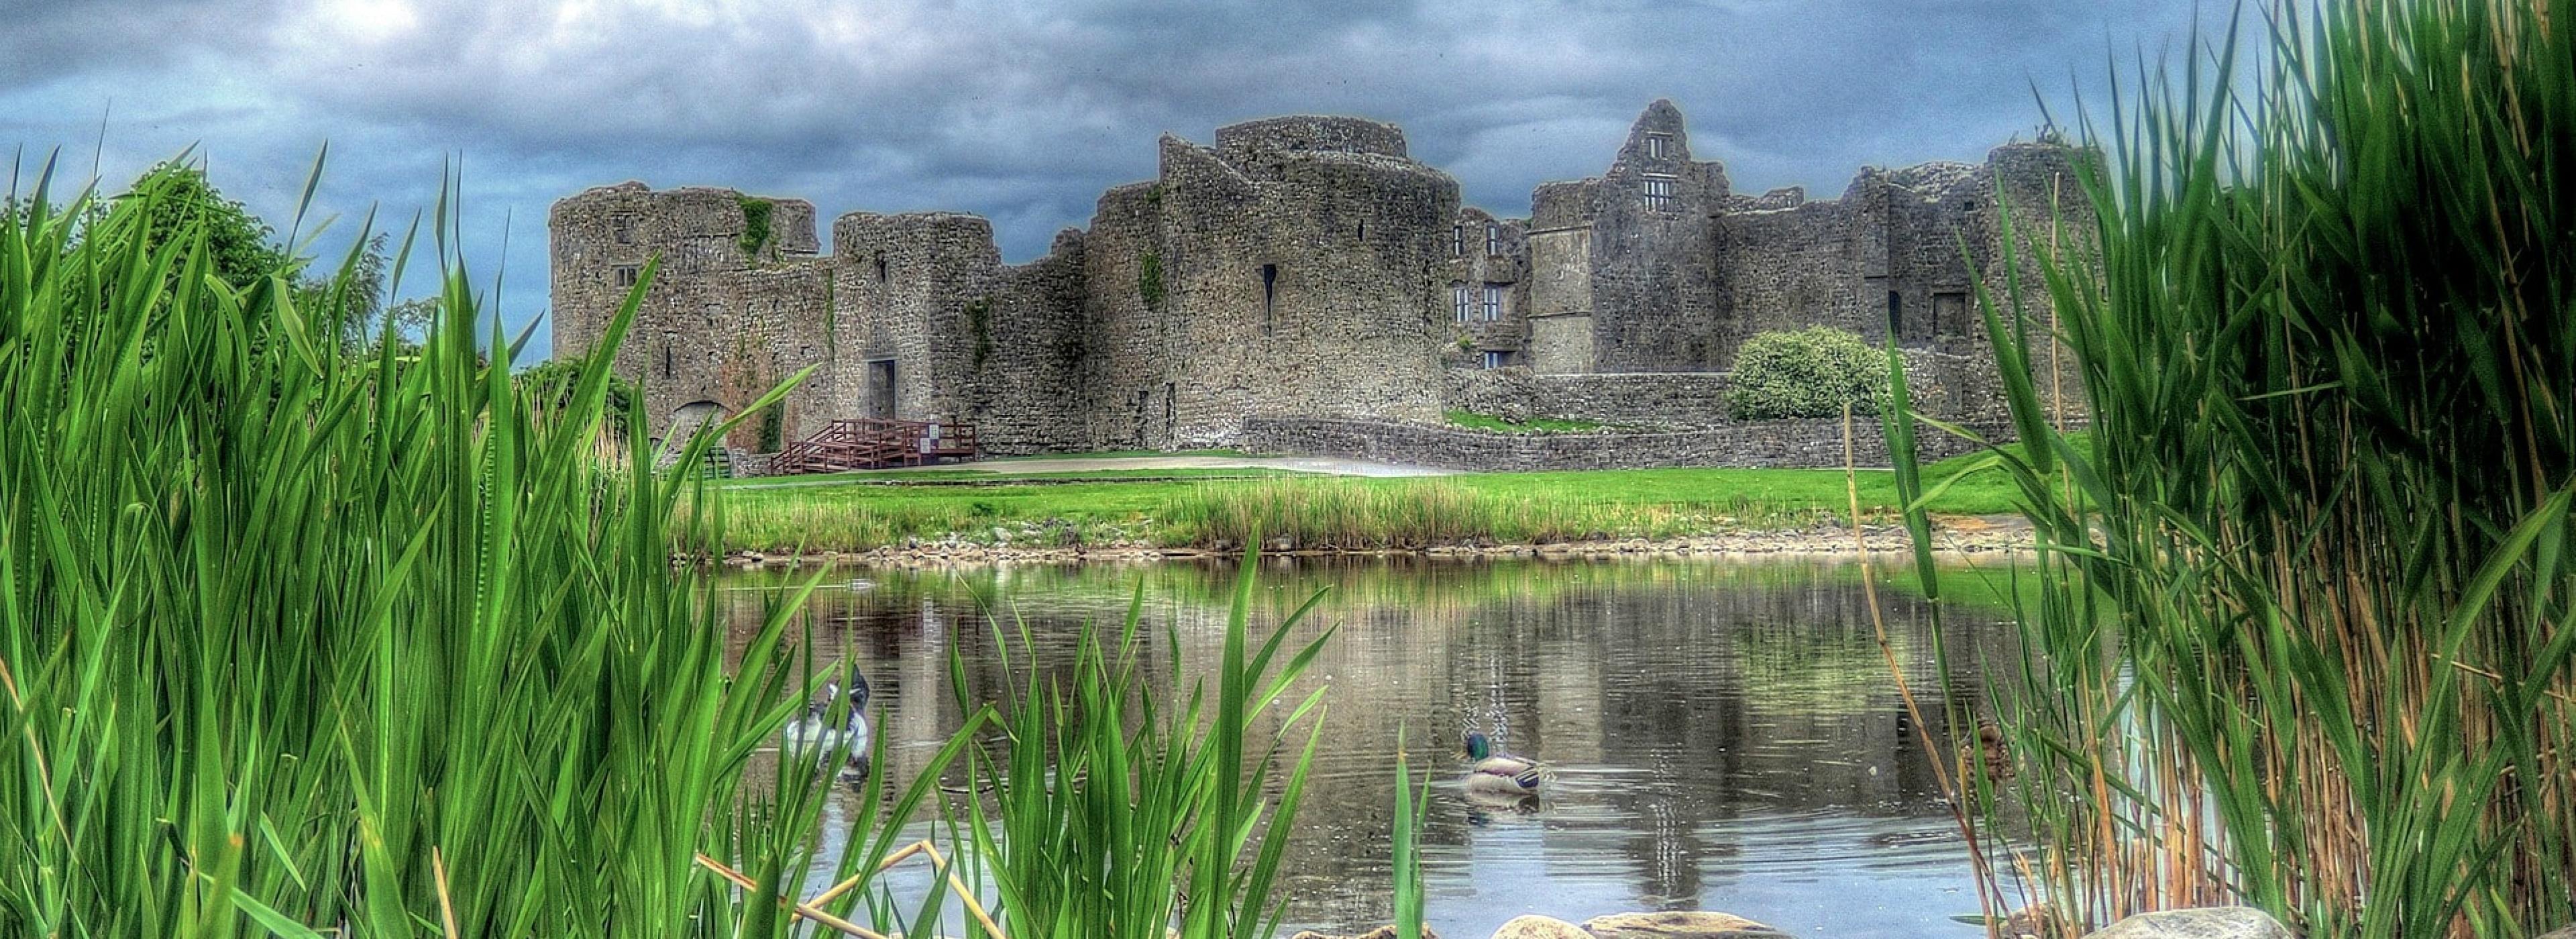 Roscommon, Northern Ireland